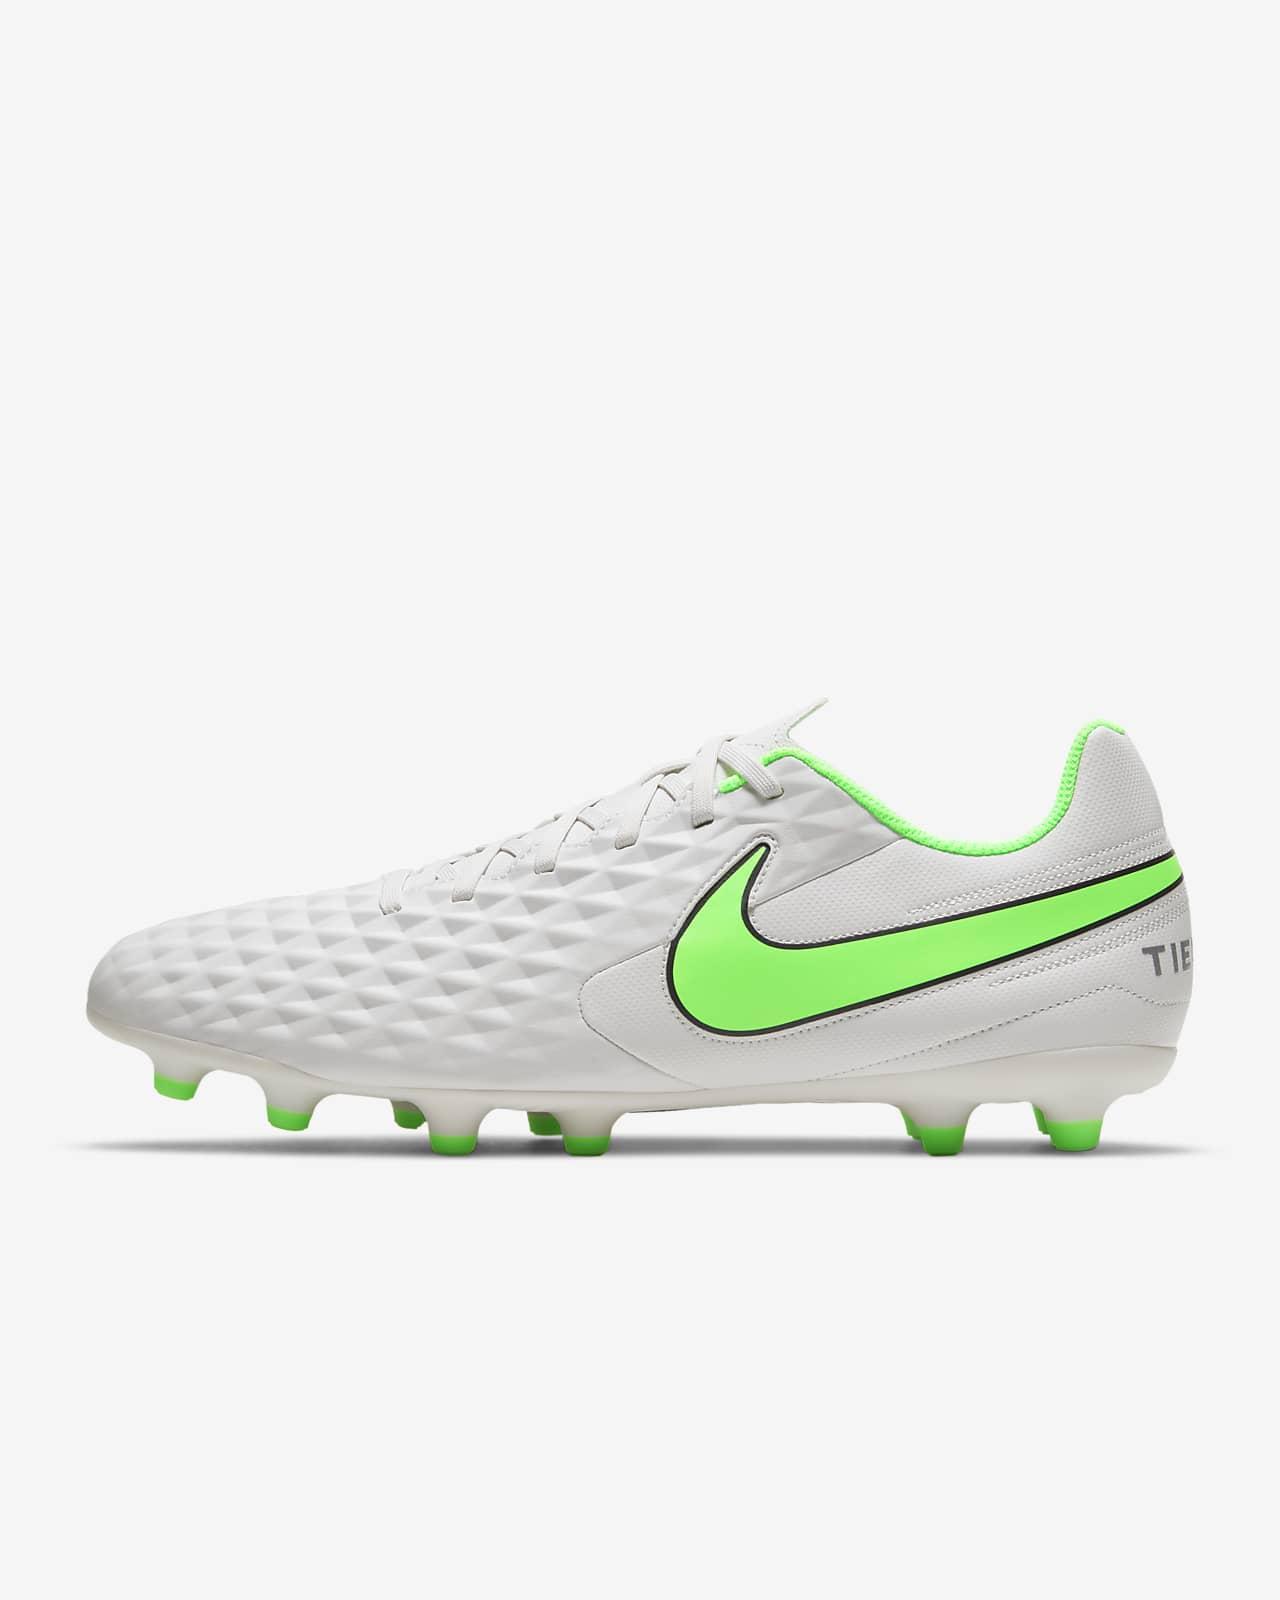 รองเท้าสตั๊ดฟุตบอลสำหรับพื้นหลายประเภท Nike Tiempo Legend 8 Club MG